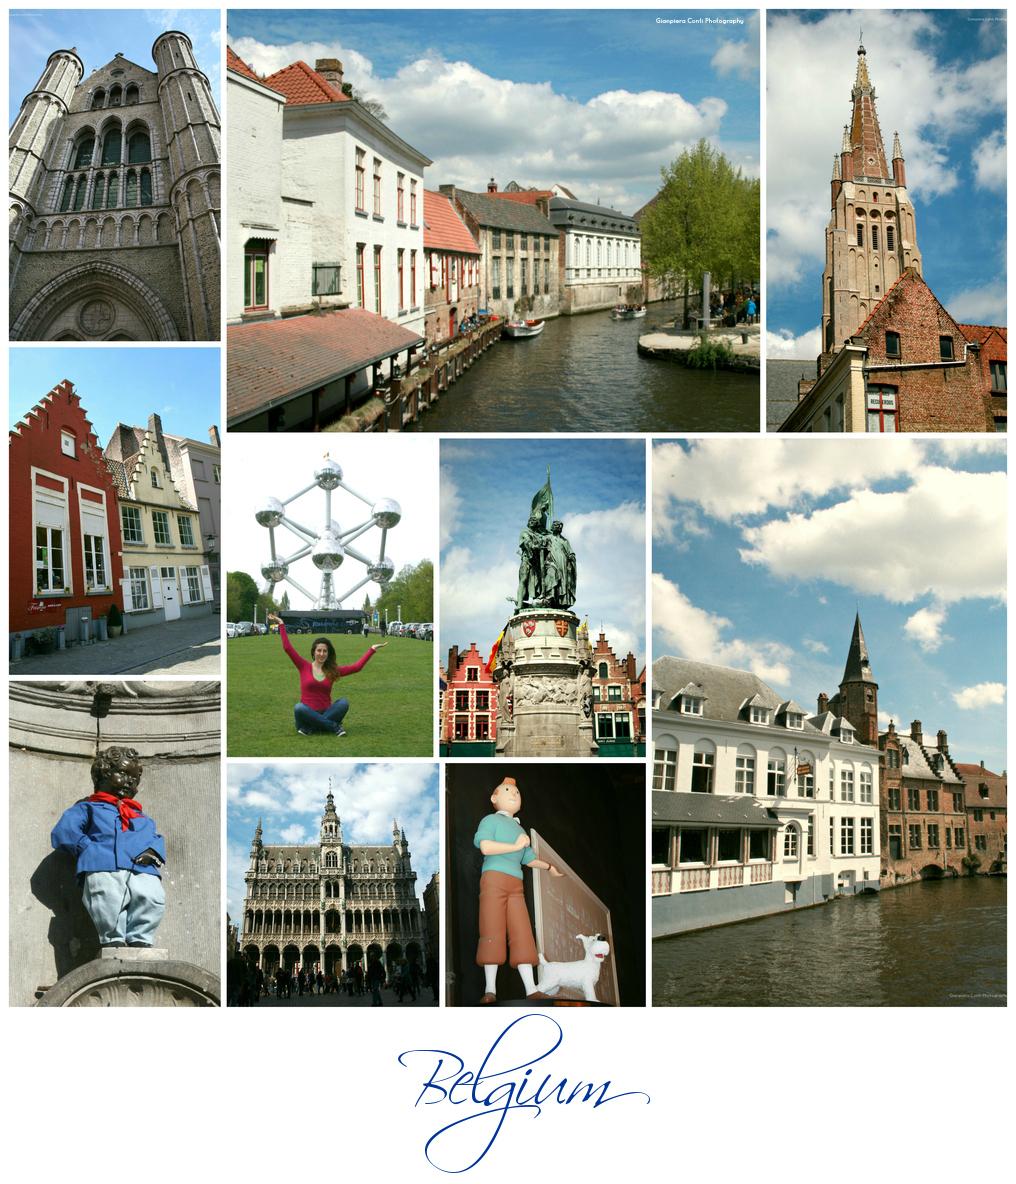 Belgium Collage